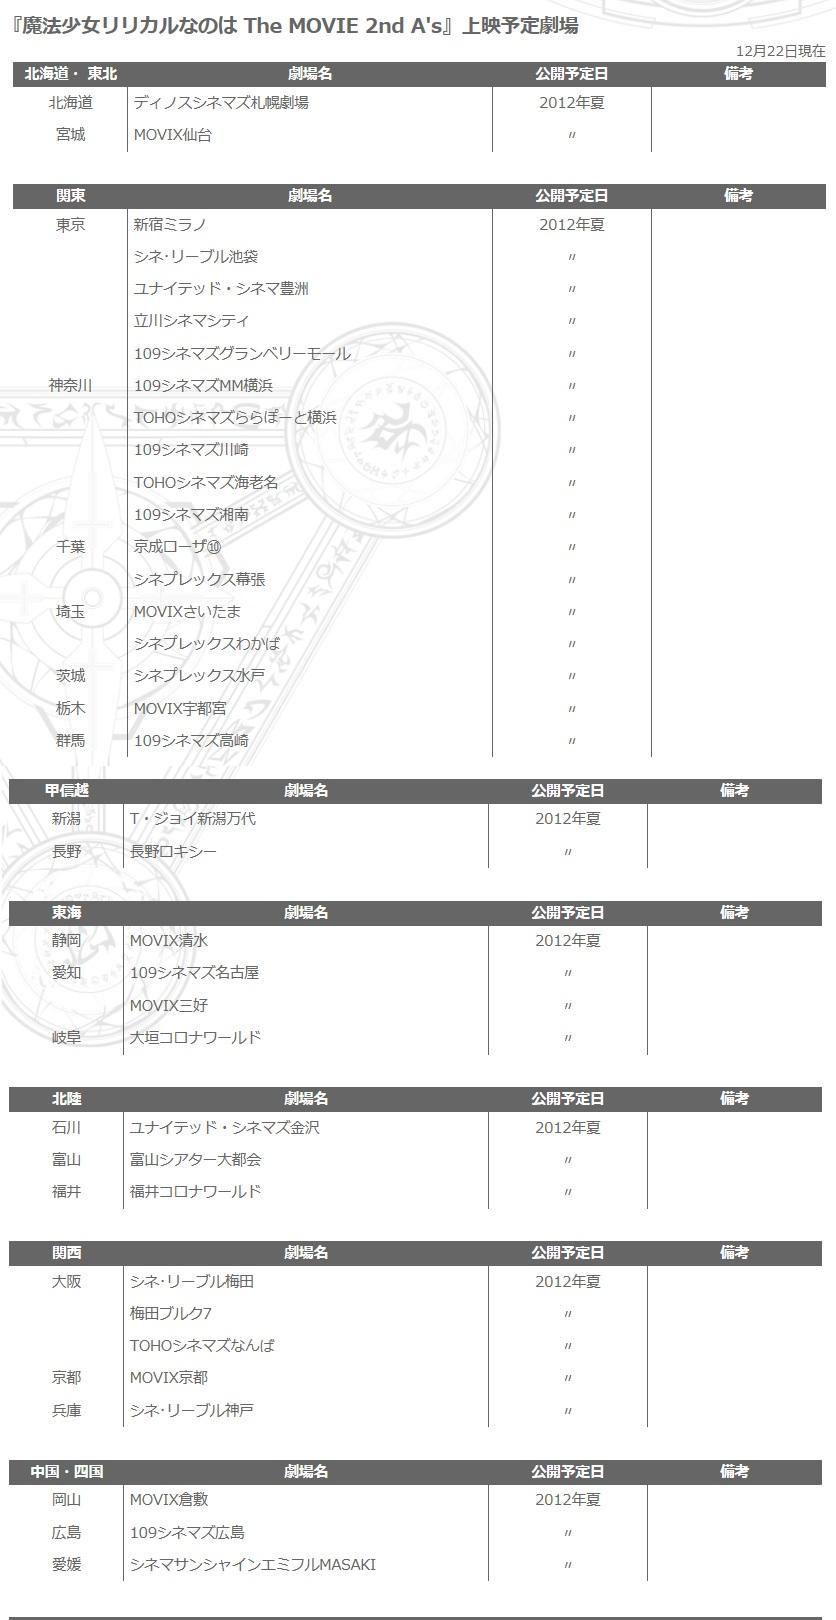 『魔法少女リリカルなのは The MOVIE 2nd A's』 公開予定劇場発表!